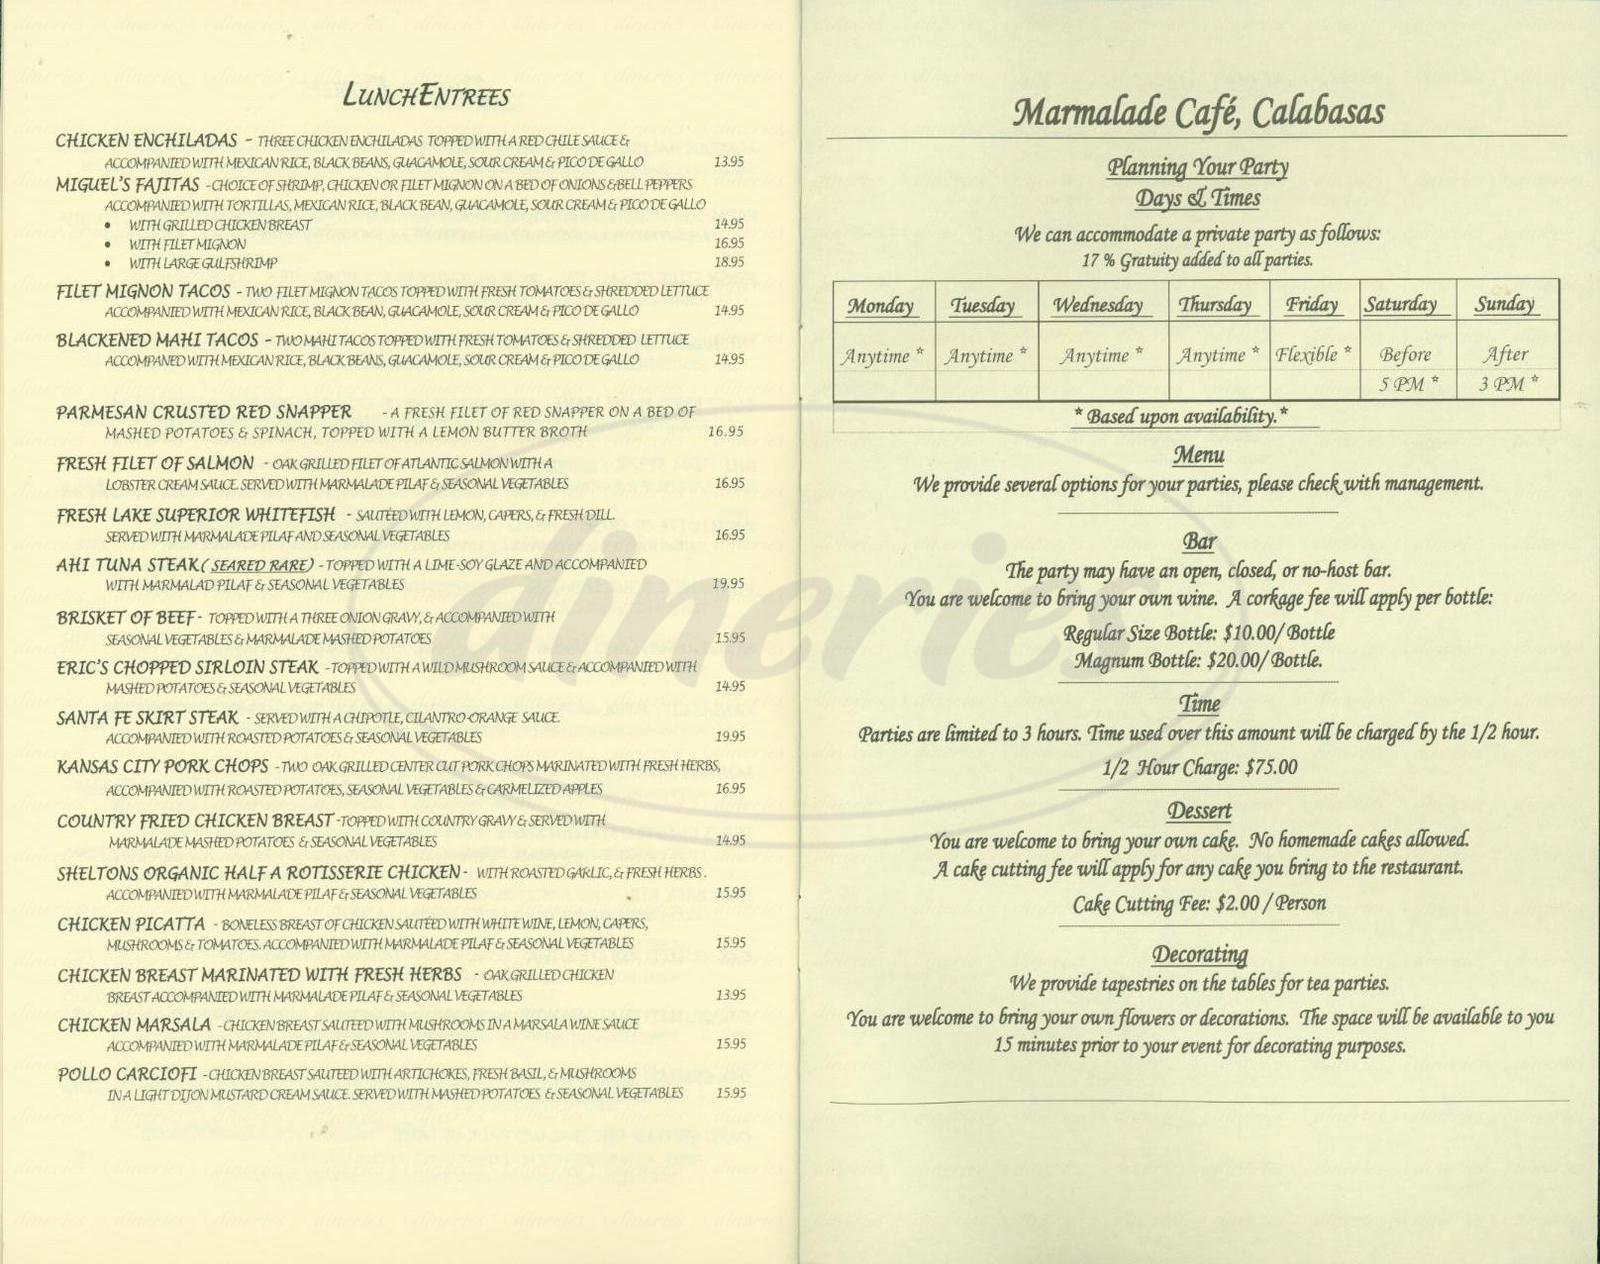 Marmalade Cafe Menu Calabasas